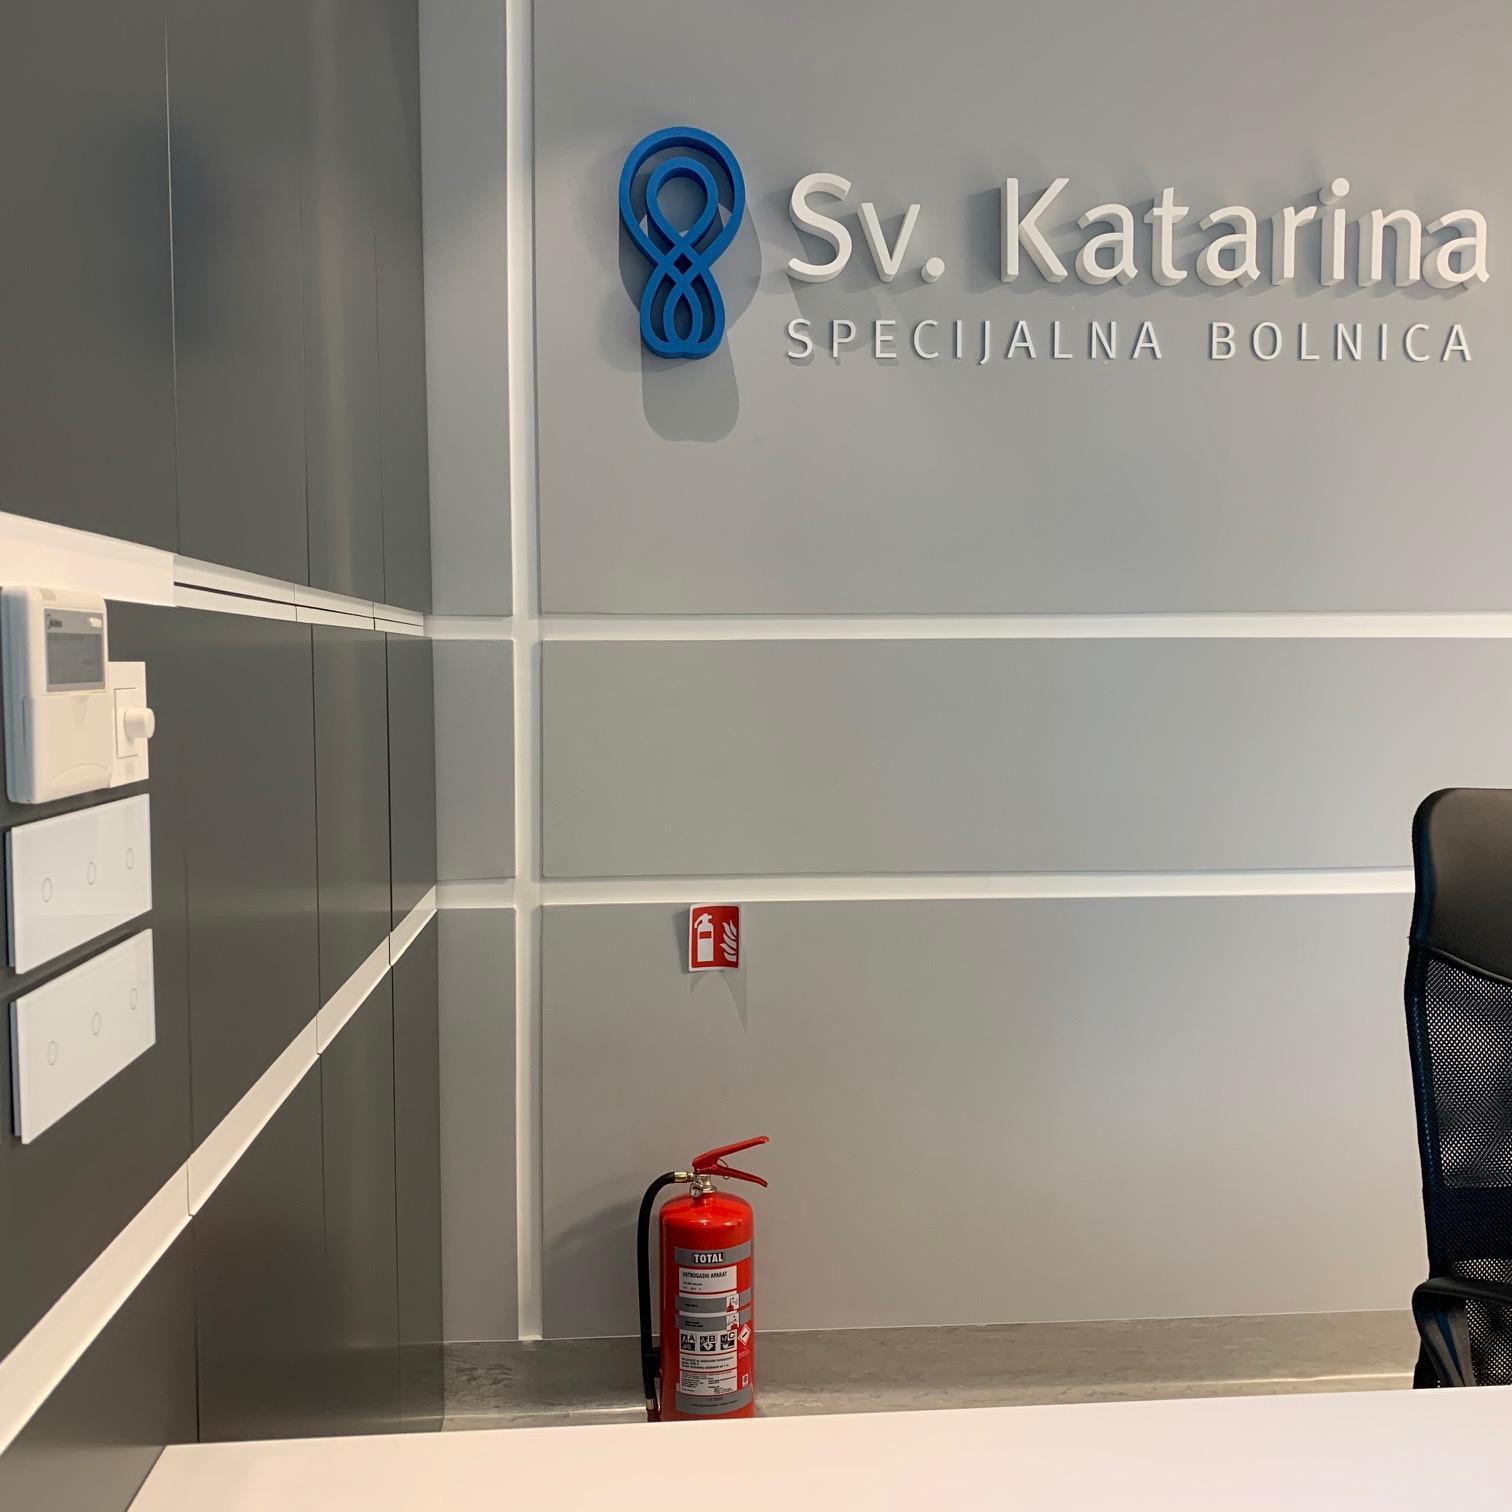 Dental_SV._Katarina Dentalni centar poliklinike Sv. Katarina